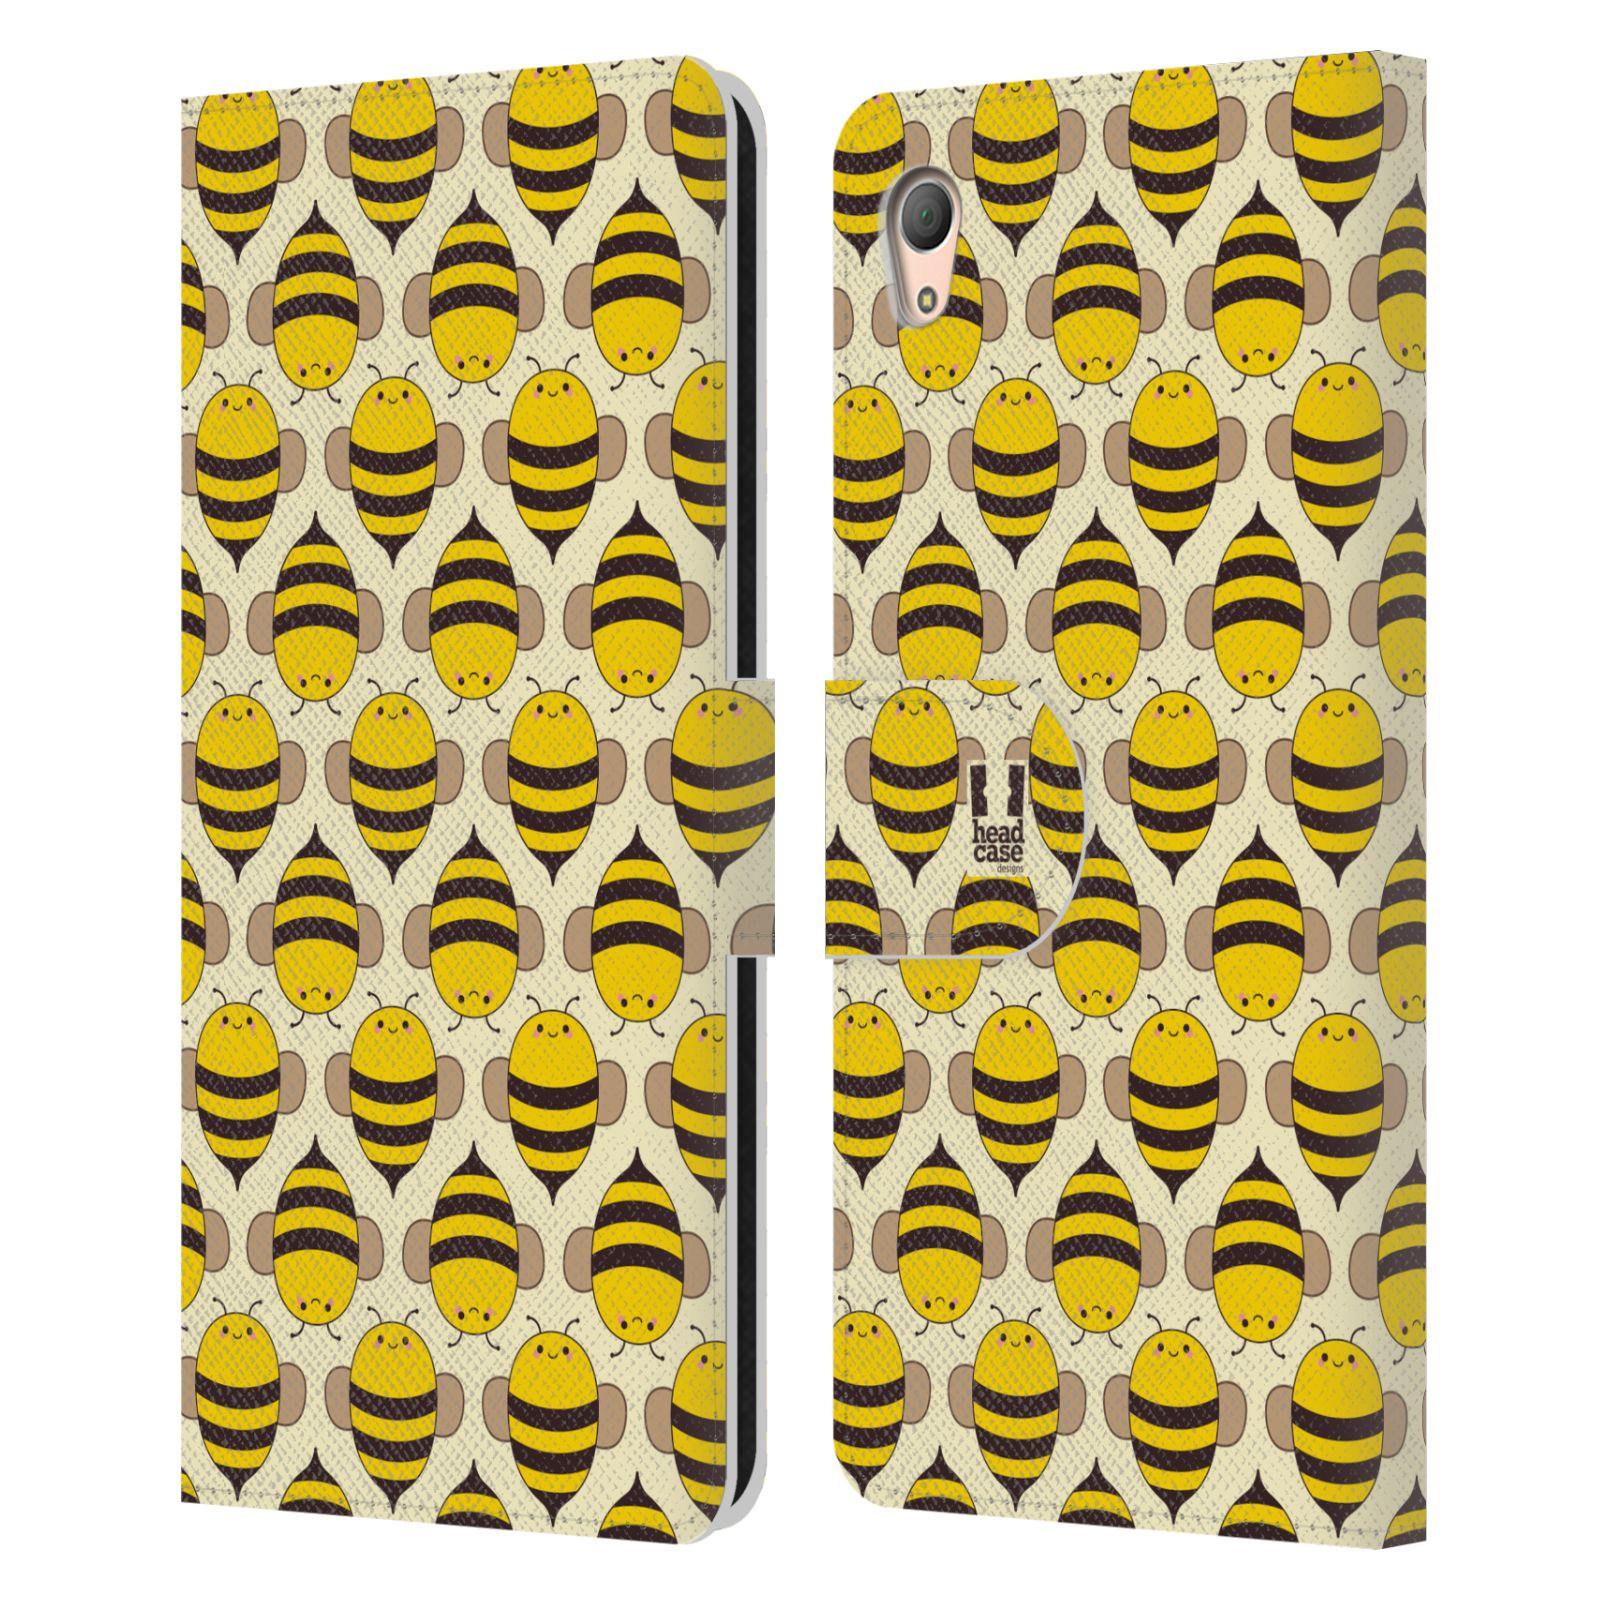 HEAD CASE Flipové pouzdro pro mobil SONY XPERIA Z3+ (PLUS) VČELÍ VZOR kolonie včelek